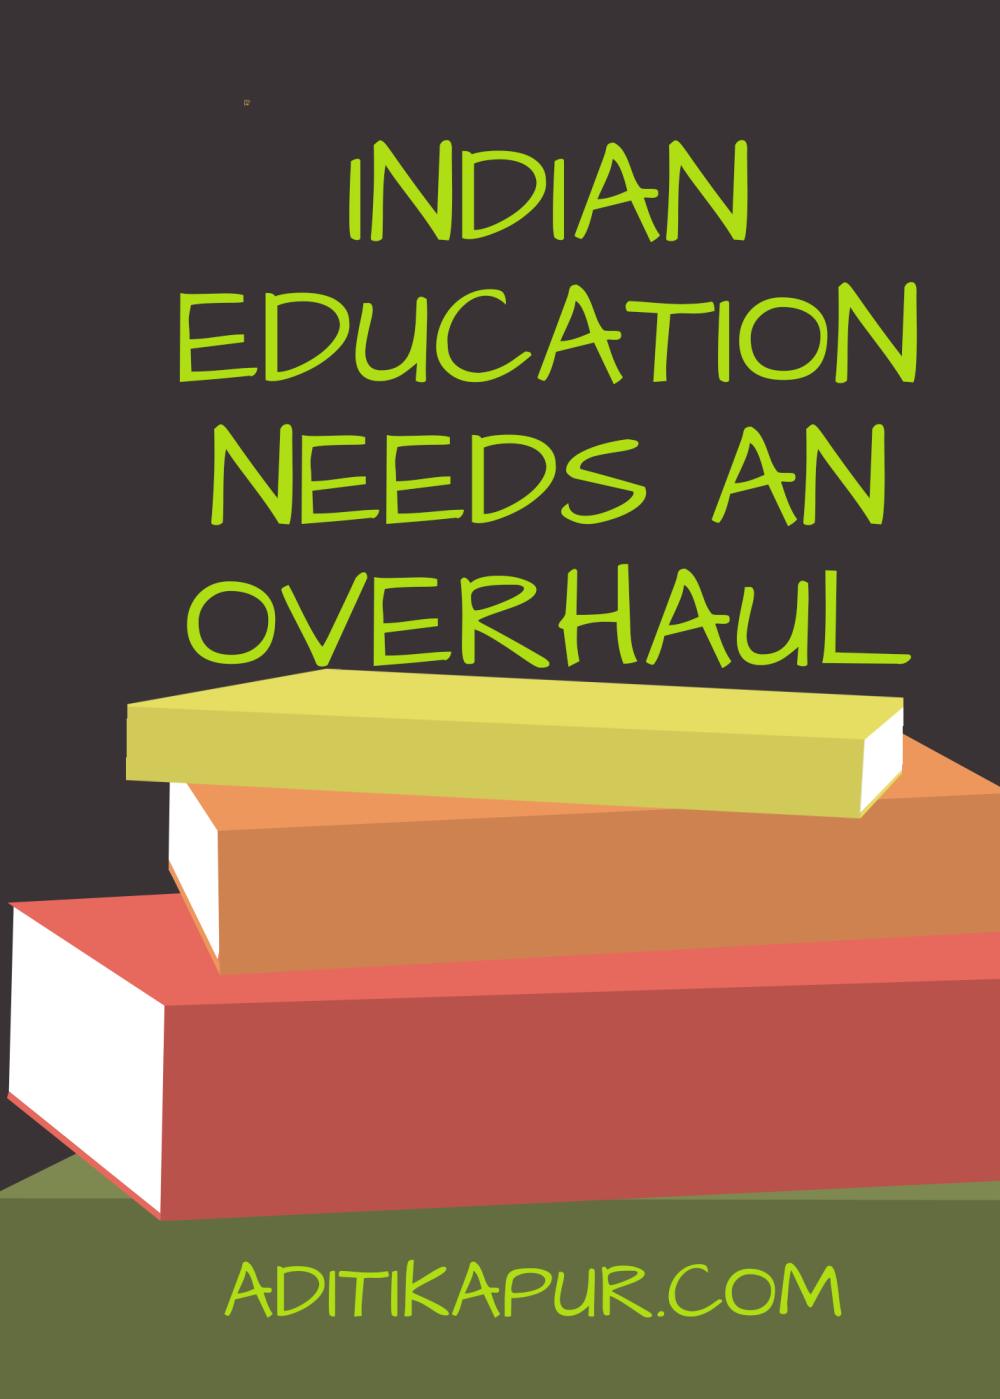 Indian Education needs an Overhaul